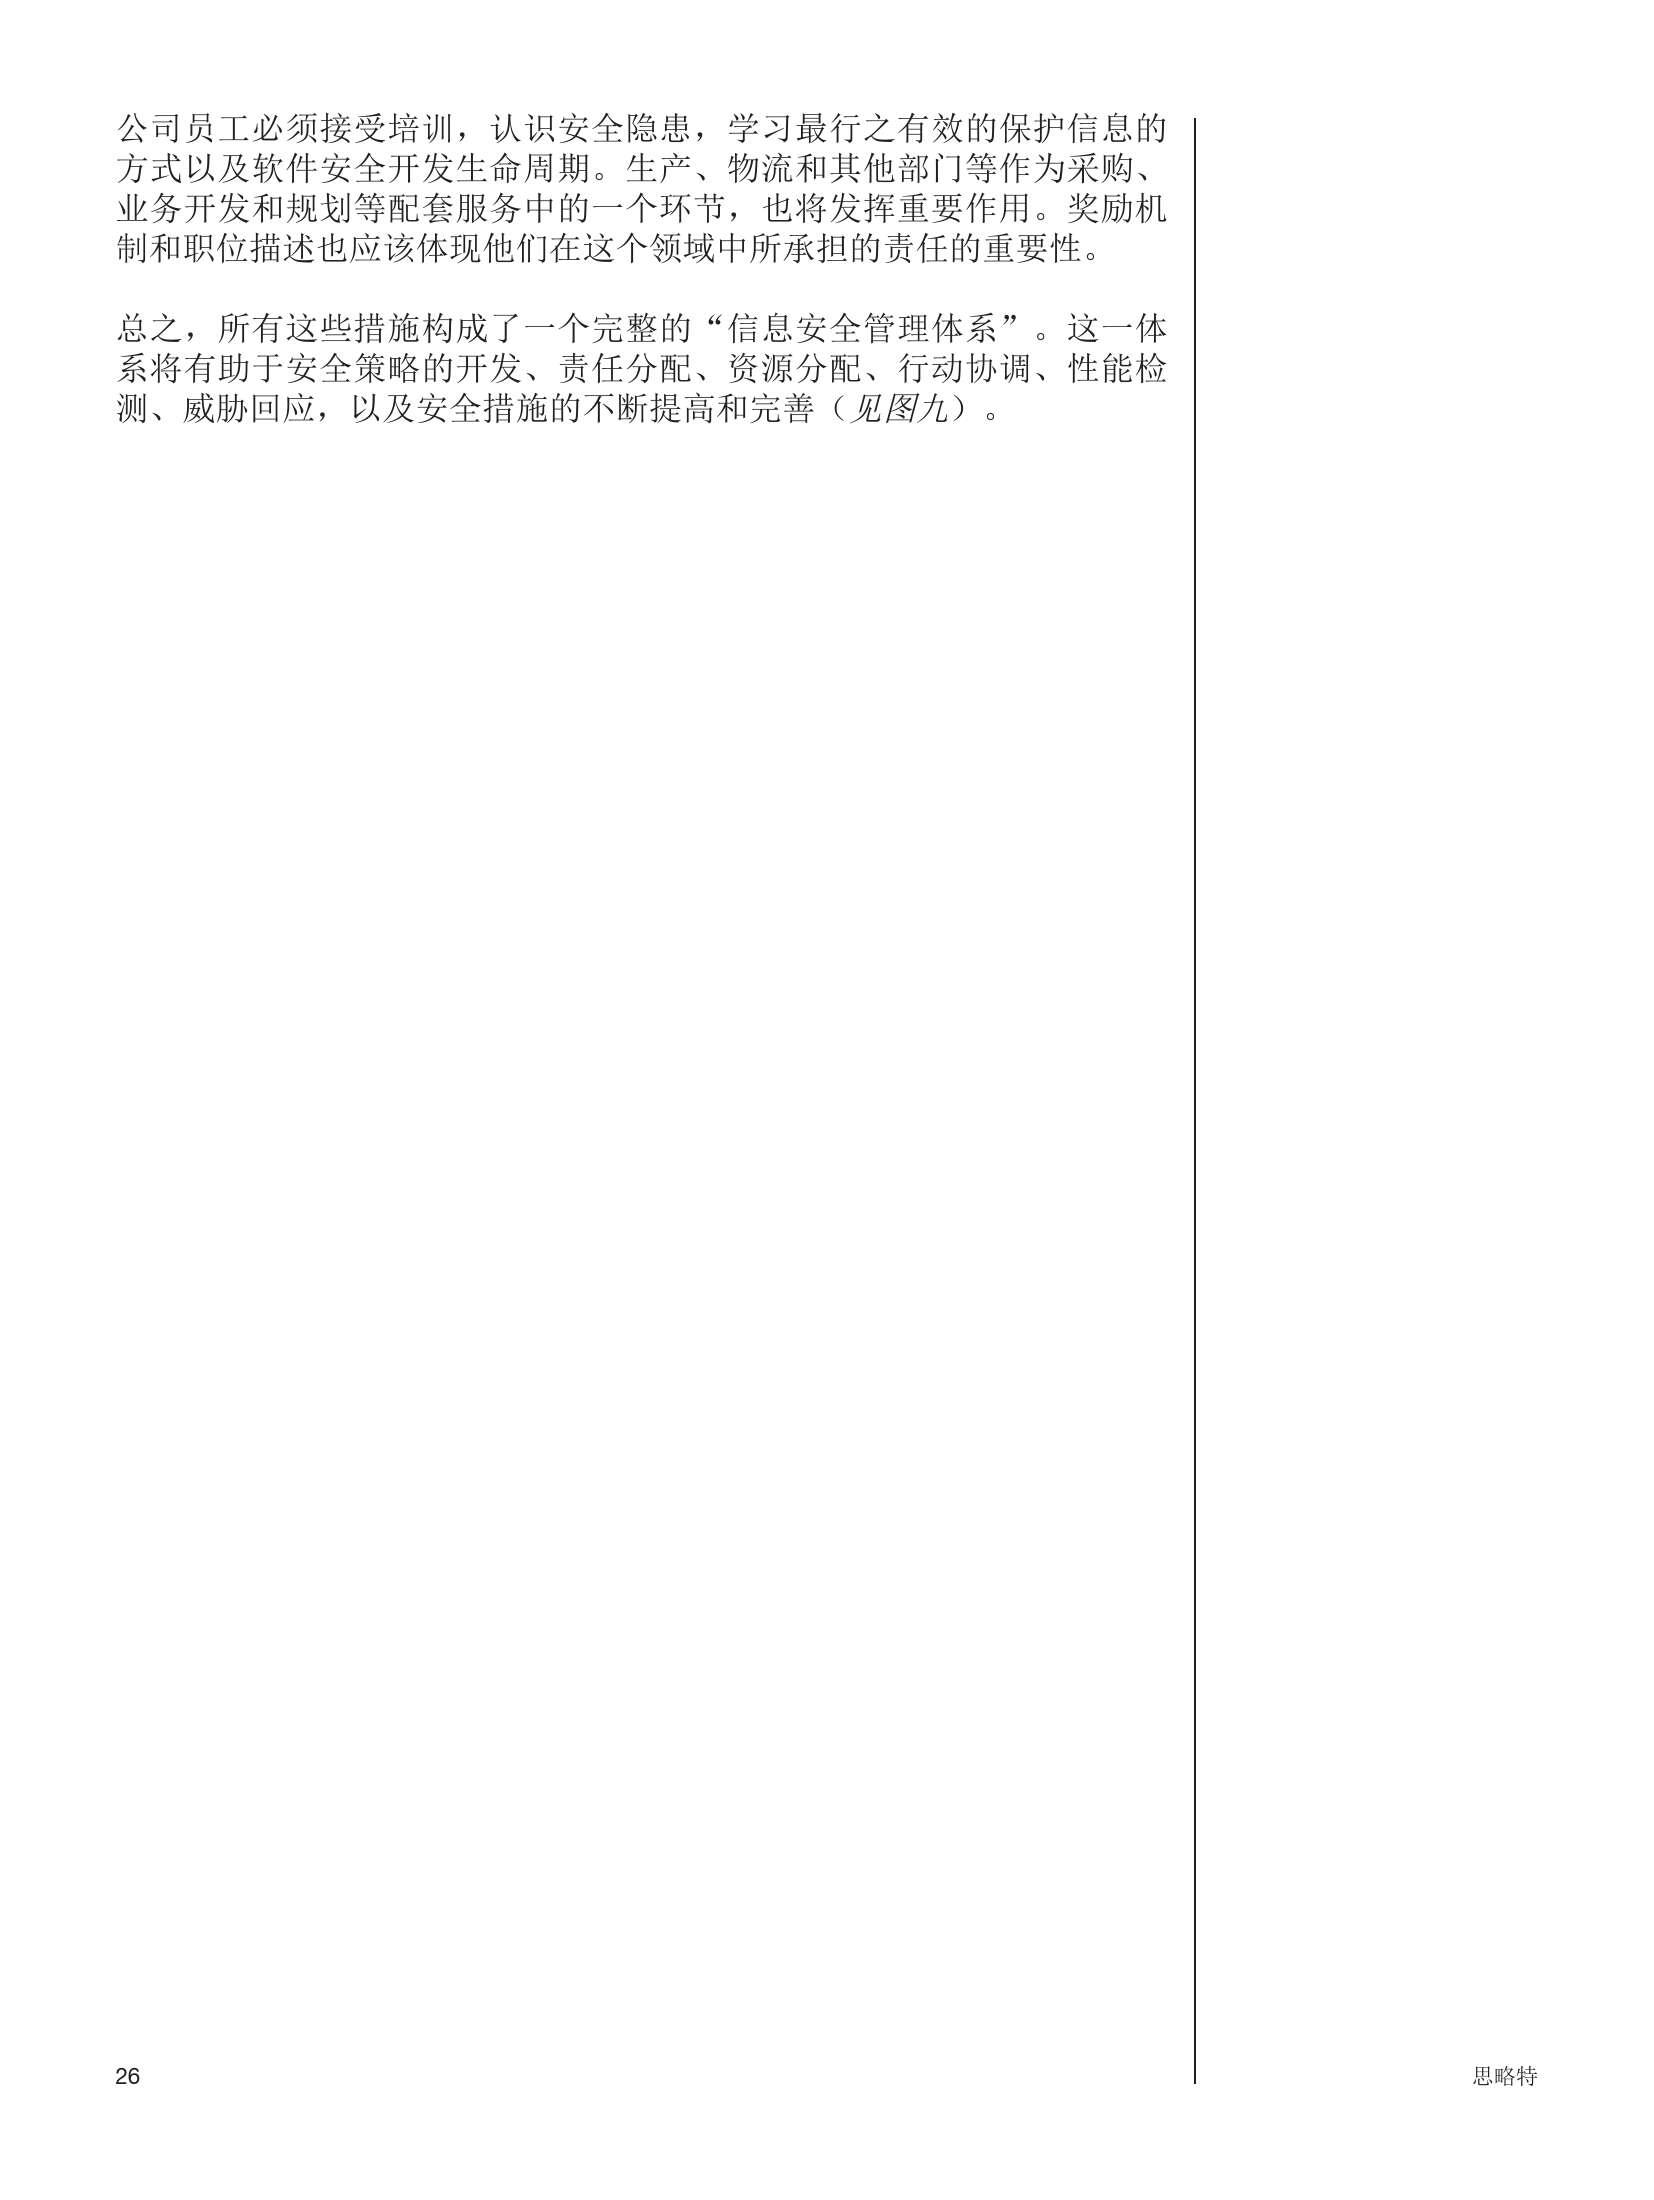 2015智能网联汽车调查_000026